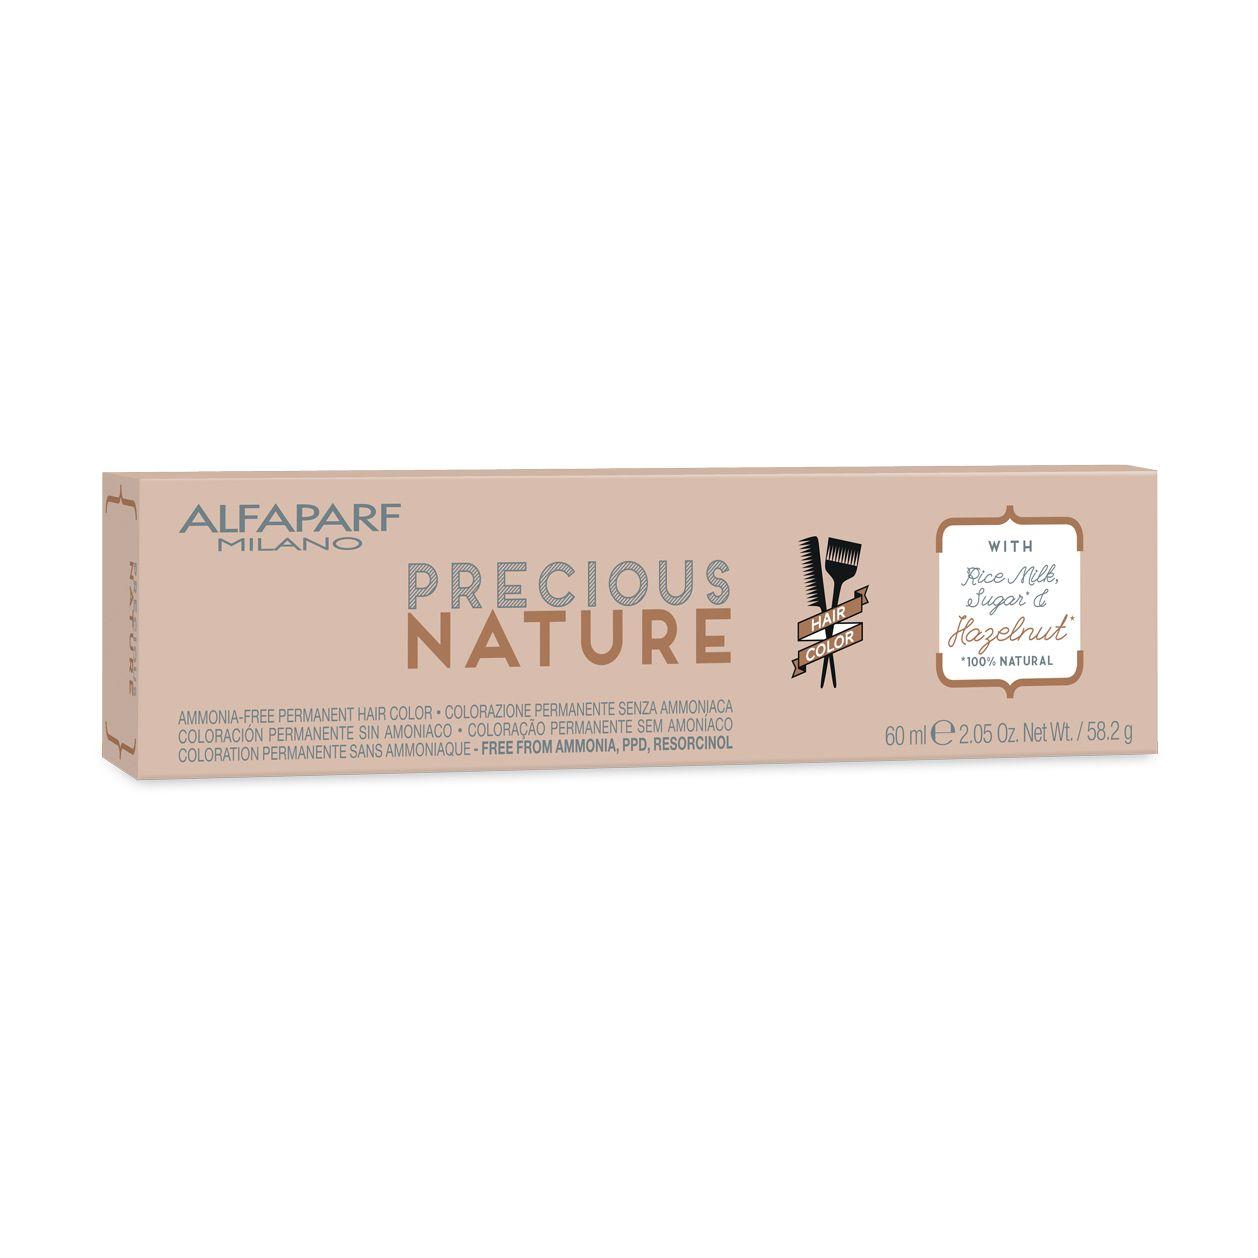 Alfaparf Milano Precious Nature Hair Color Creme de Coloração 7.21 Louro Médio Irisé Cinza 60ml